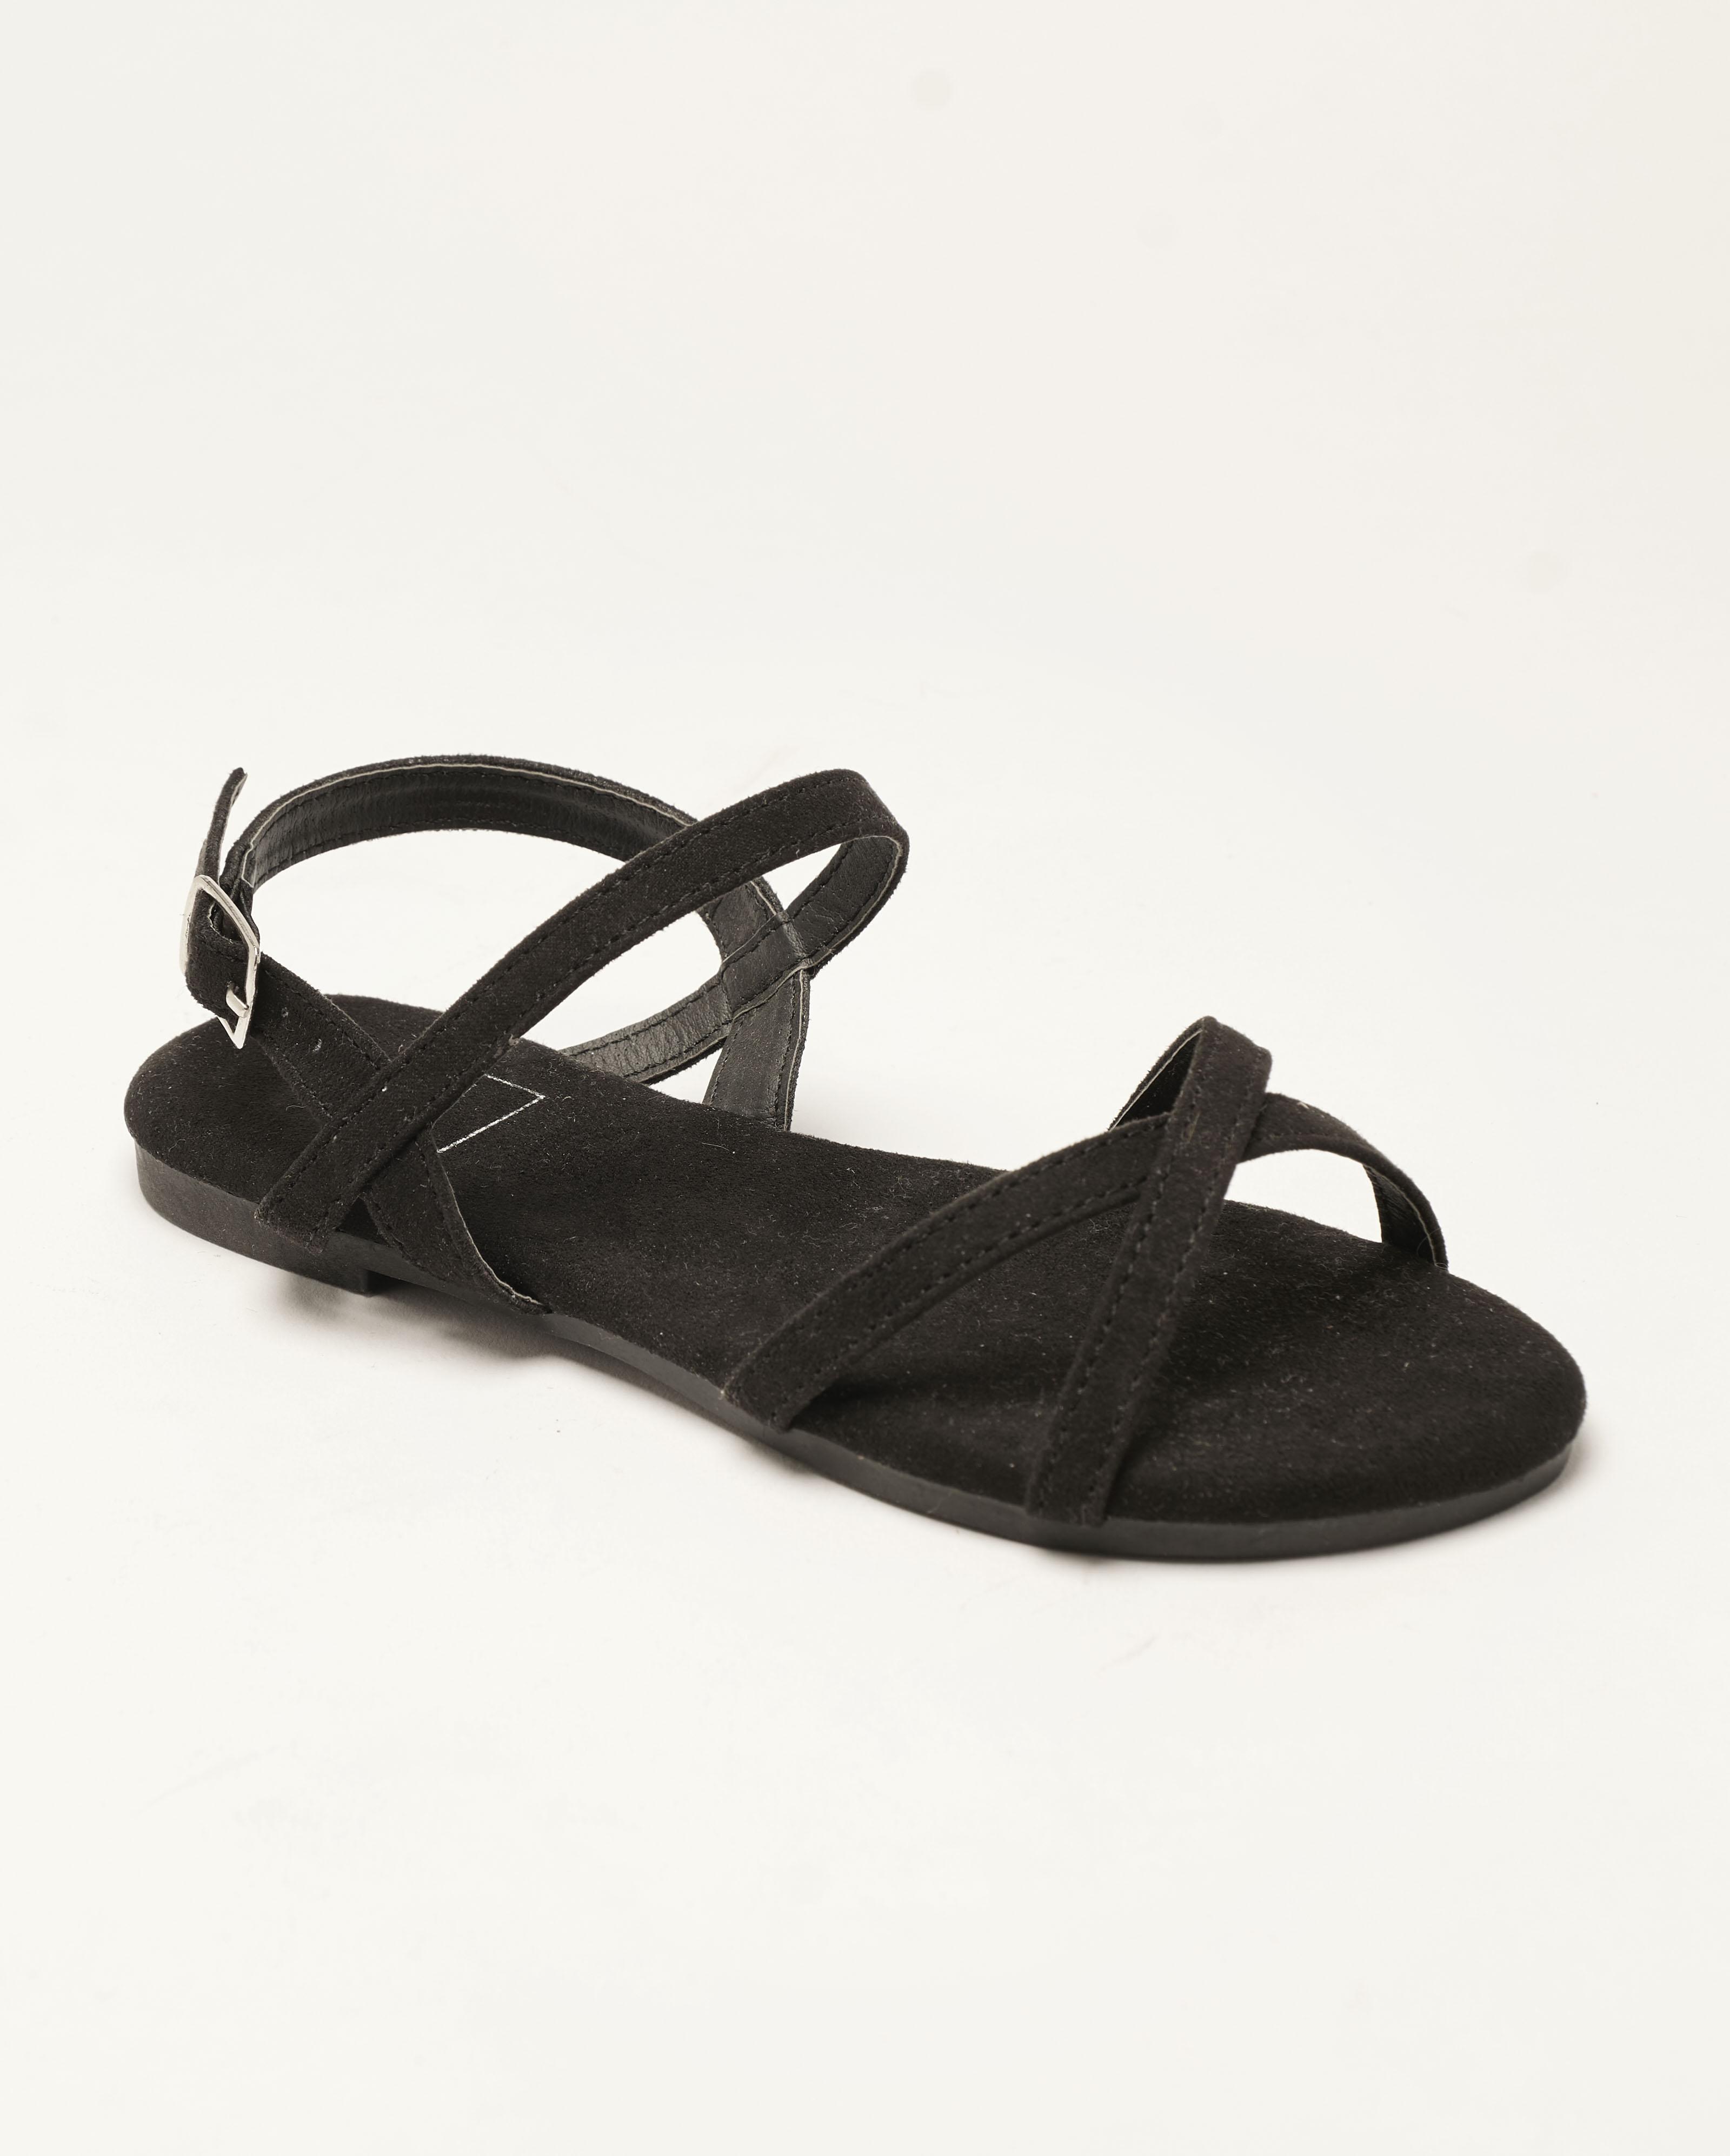 Sandales Fille - Sandale Ouverte Noir Jina - Sapl Zh3